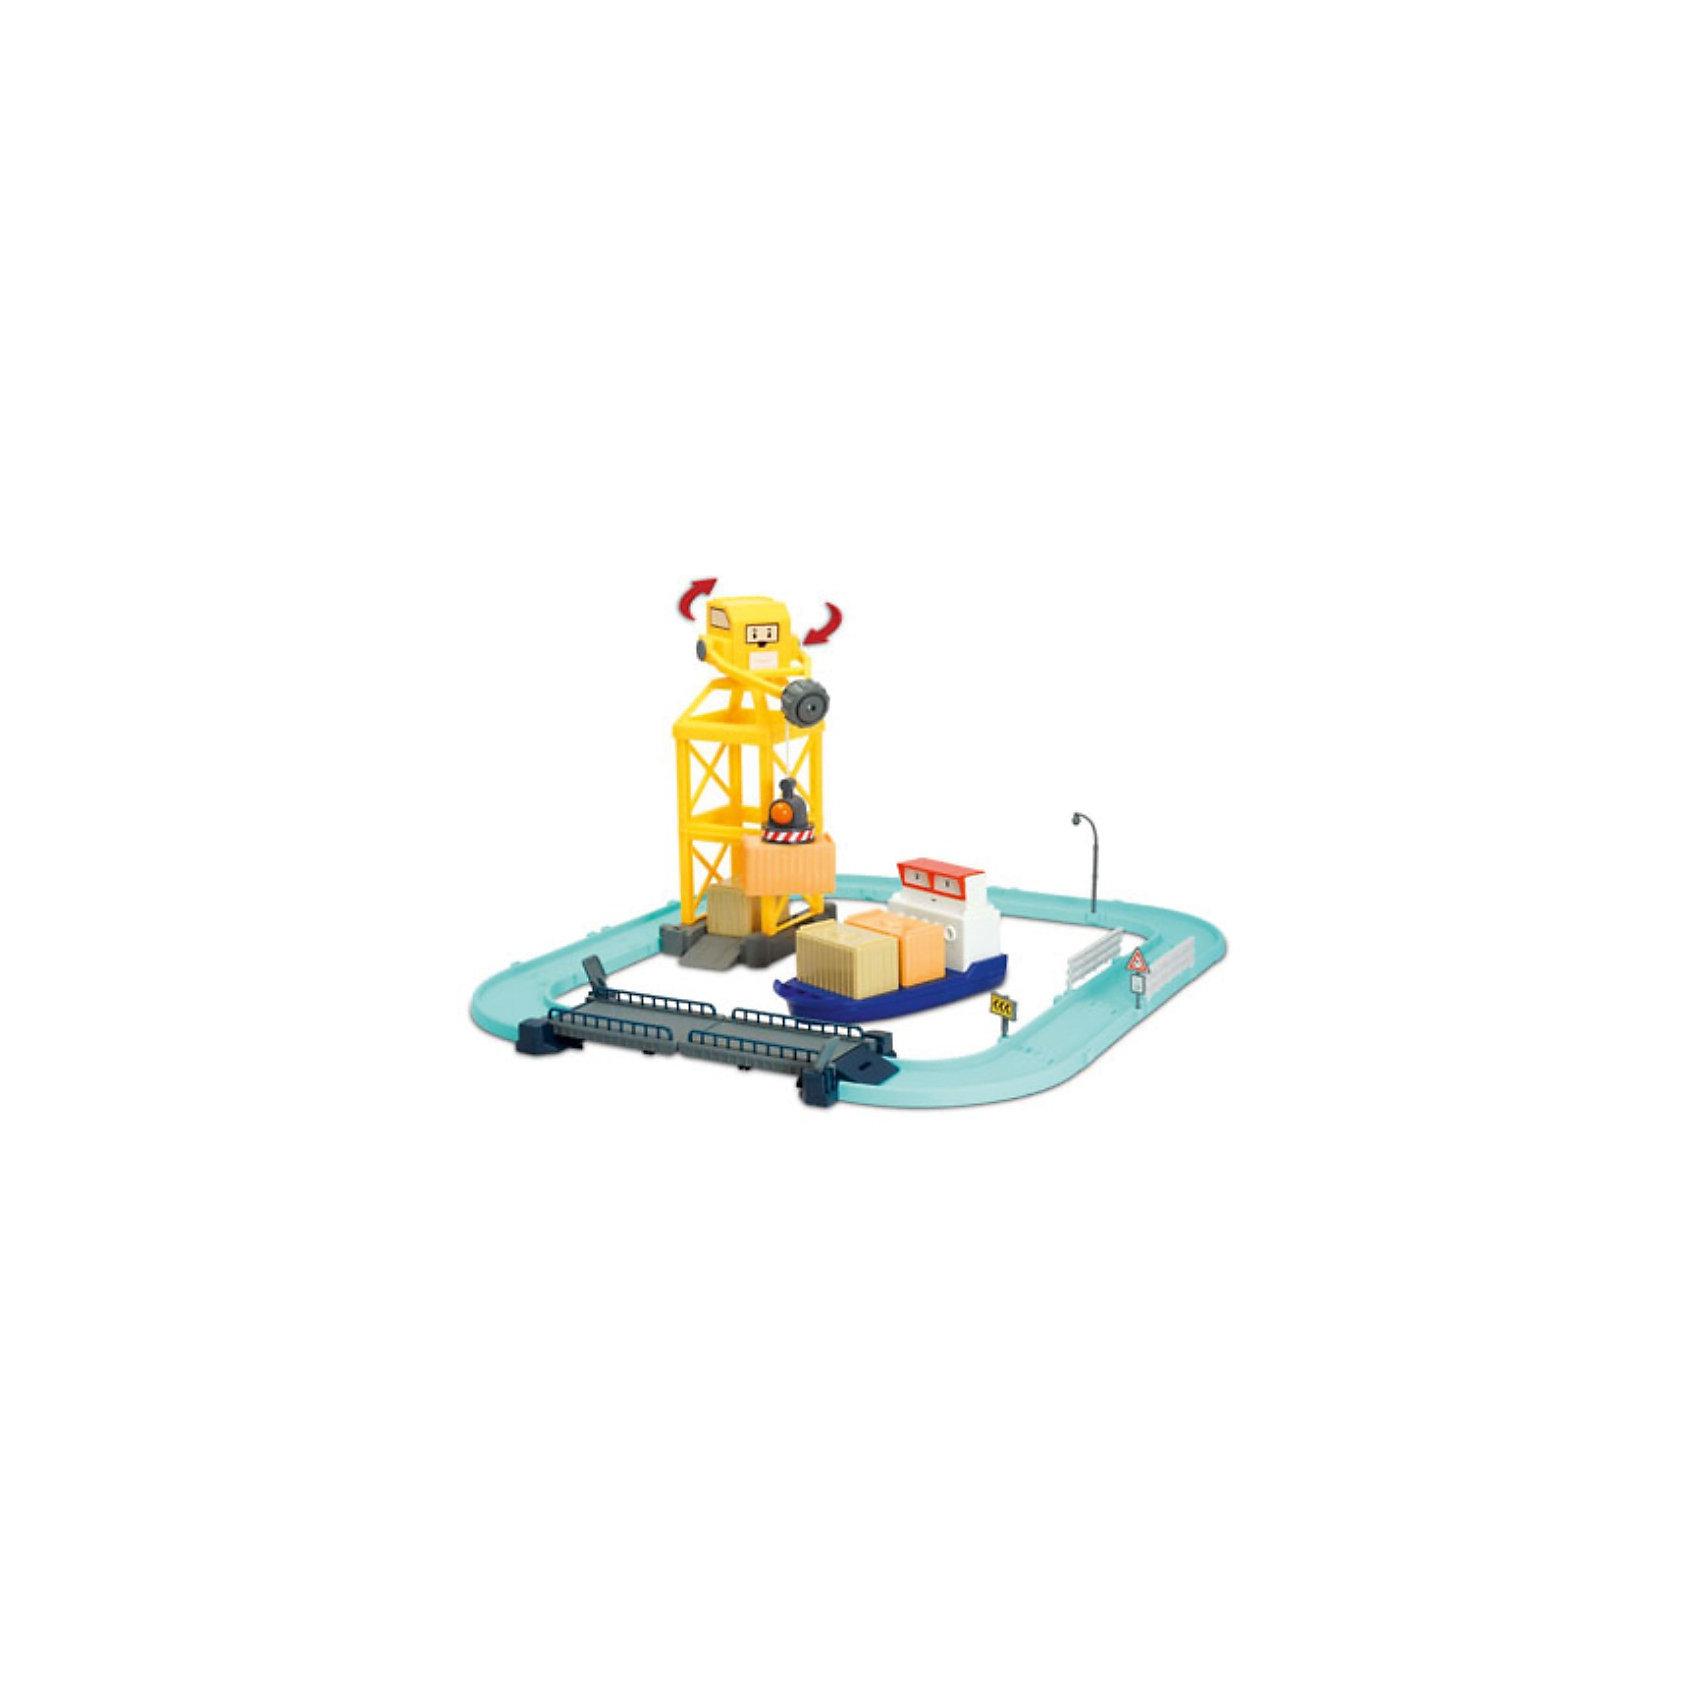 Игровой набор «Порт с разводным мостом», Робокар ПолиПорт с разводным мостом, Робокар Поли - увлекательный игровой набор, который обязательно понравится всем юным поклонникам мультсериала Робокар Поли (Robocar Poli).<br>Спасательная команда служебных машинок всегда готова прийти на помощь жителям городка Брумстаун и выручить в любой ситуации. В комплекте Вы найдете детали городского порта с разводным мостом и металлическую фигурку контейнеровоза Терри.<br><br>В центральной части порта расположилась стоянка грузовых кораблей, портовый кран с вращающейся кабиной переносит грузы на корабль, а контейнеровоз Терри по специальной дорожке доставляет грузы в порт. Разведя мост, можно будет вывести кораблик из порта и направить в пункт назначения. Набор совместим с другими наборами серии Робокар Поли. Все детали имеют скругленные углы и безопасны для детей.<br><br>Дополнительная информация:<br><br>- В комплекте: порт с раздвижным мостом, машинка Терри. <br>- Материал: пластик, металл.<br>- Размер машинки Терри: 12 см.<br>- Размер упаковки: 10 x 30 x 25 см.<br>- Вес: 0,85 кг.<br><br>Игровой набор Порт с разводным мостом, Робокар Поли можно купить в нашем интернет-магазине.<br><br>Ширина мм: 430<br>Глубина мм: 160<br>Высота мм: 310<br>Вес г: 1628<br>Возраст от месяцев: 36<br>Возраст до месяцев: 84<br>Пол: Мужской<br>Возраст: Детский<br>SKU: 3827052